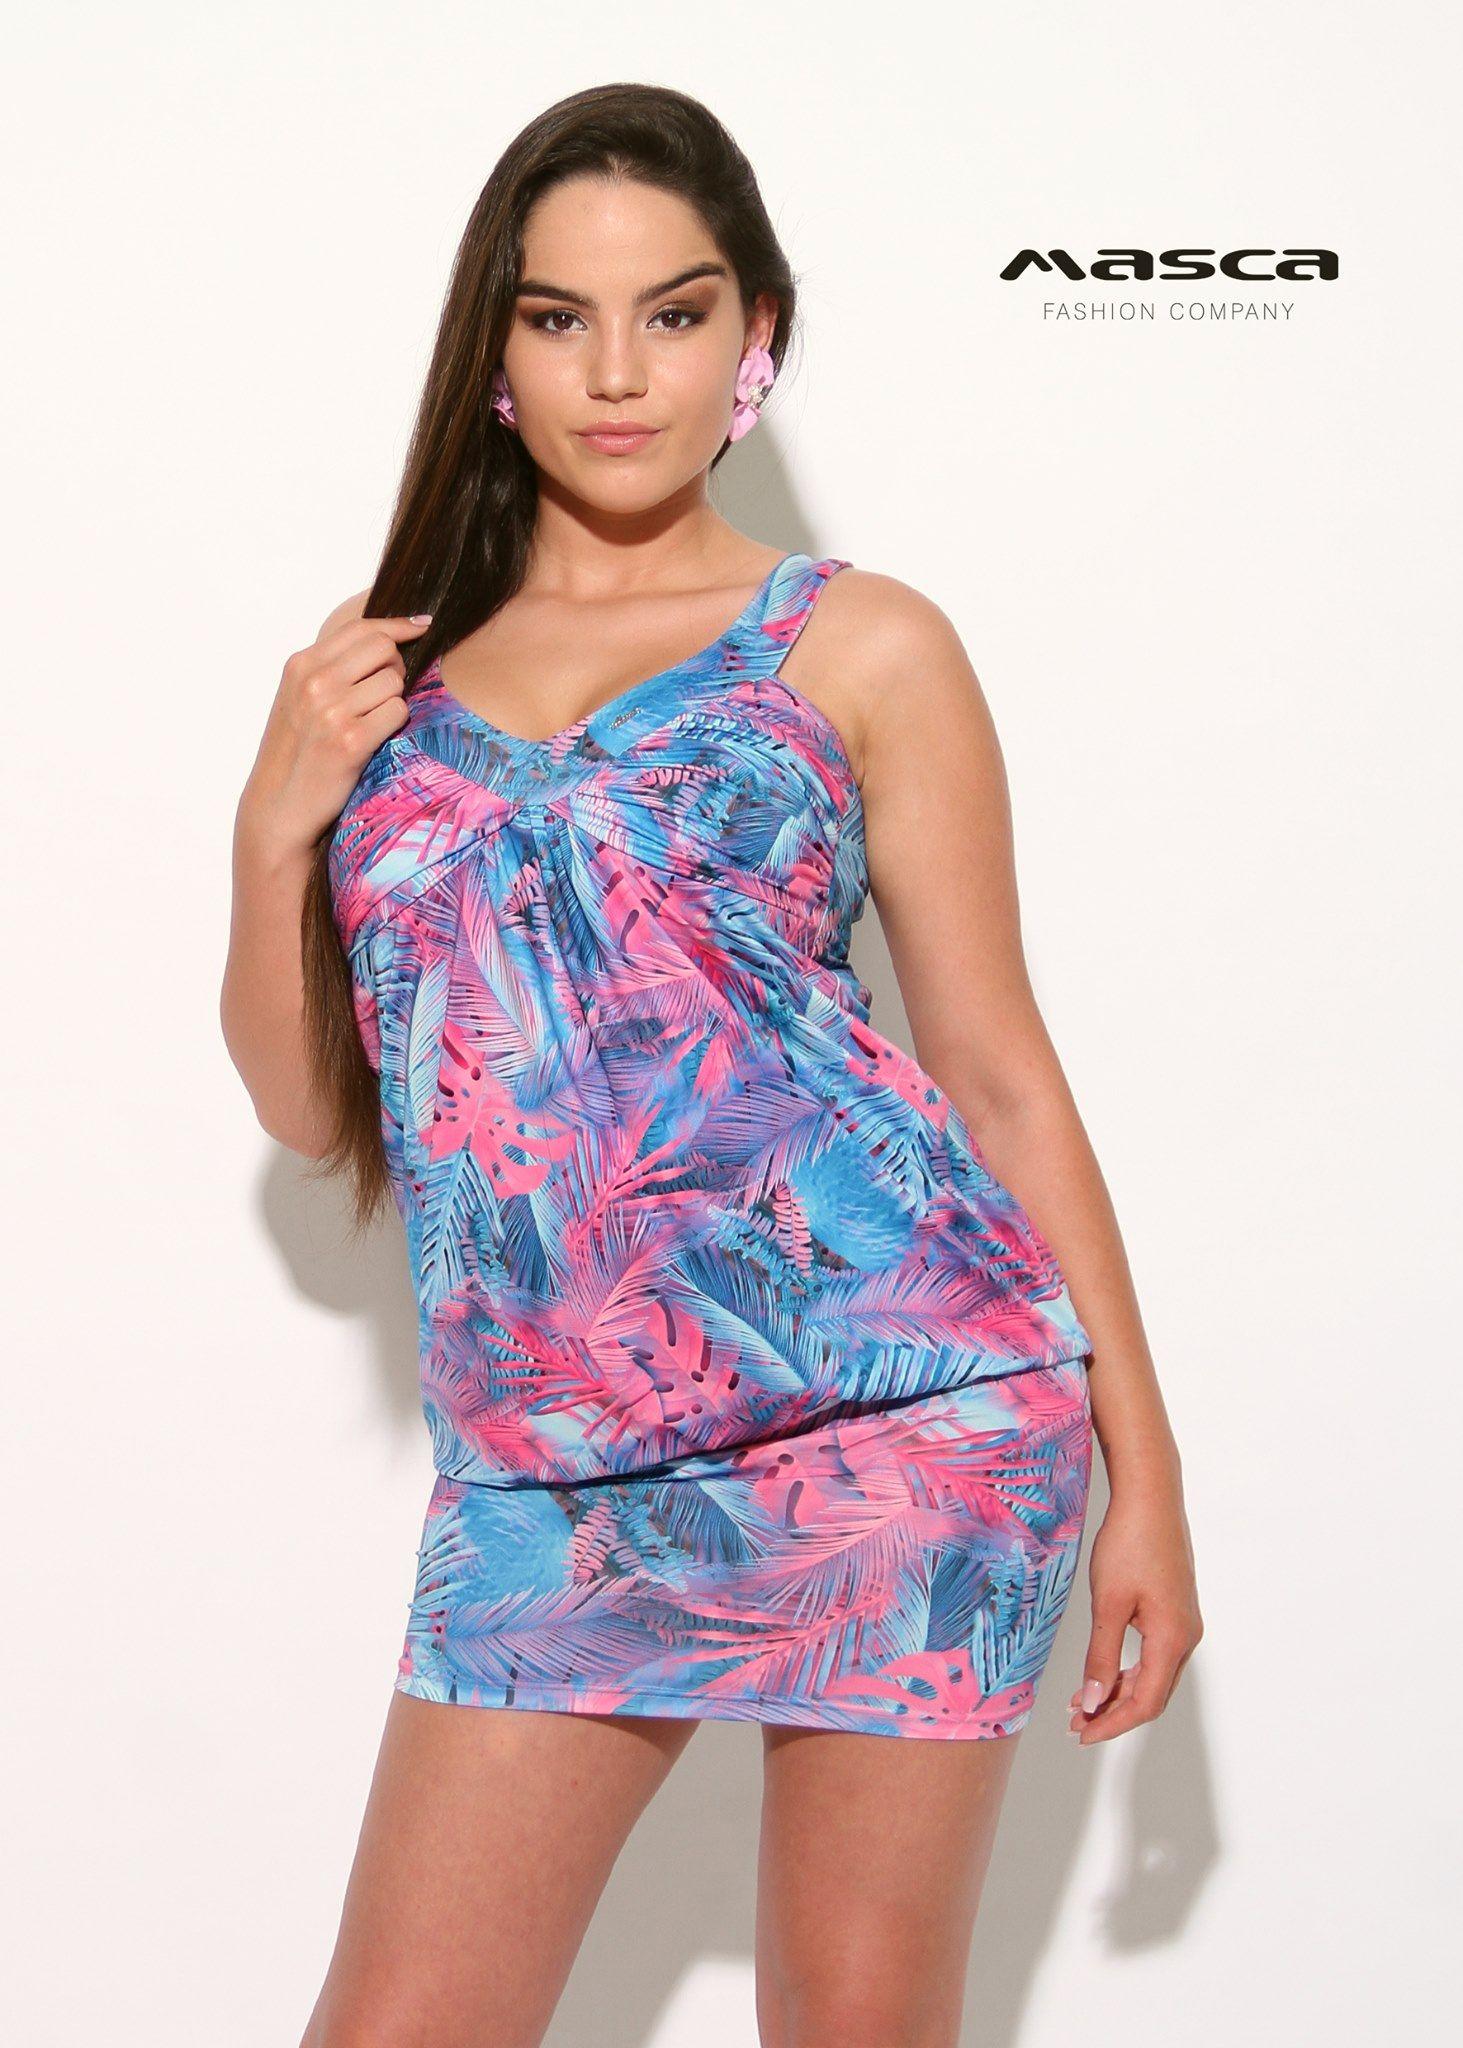 f99637c949 Masca Fashion ráncolt mellrészű kék-pink dzsungelmintás laza tunika,  miniruha